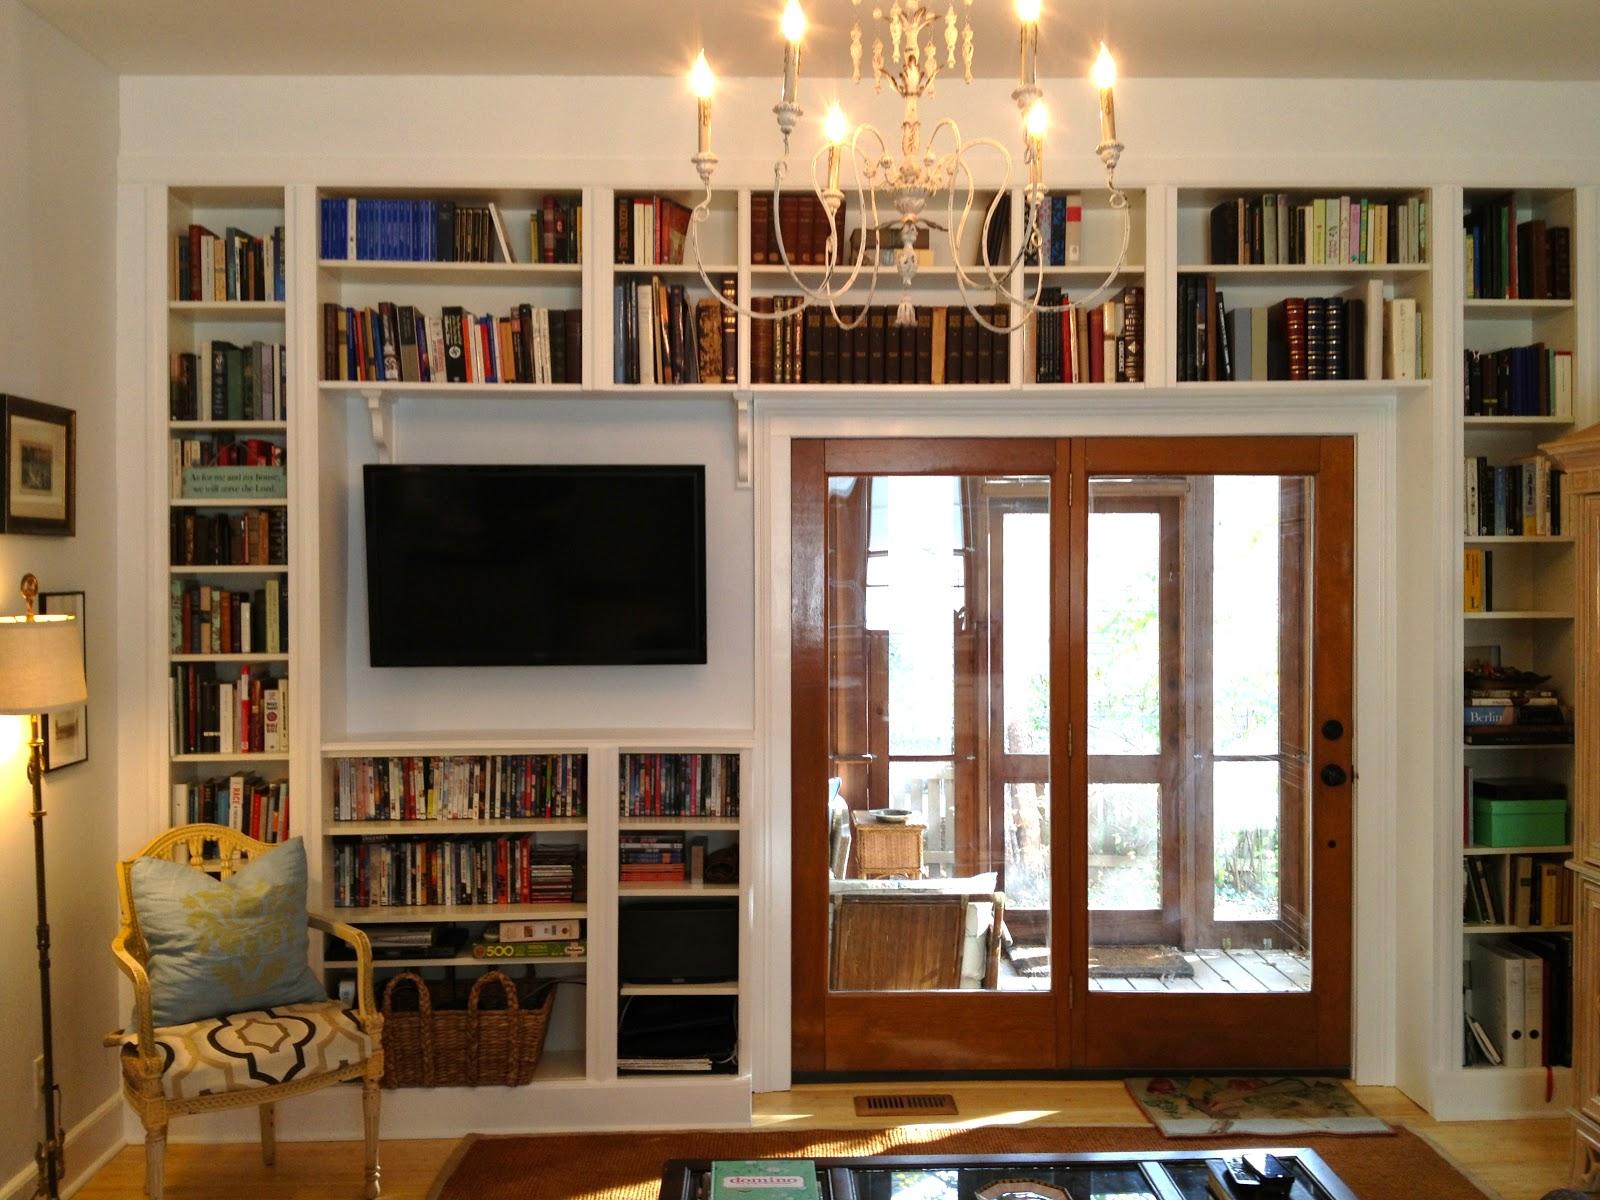 home library lighting. Home Library Lighting. Lighting H T